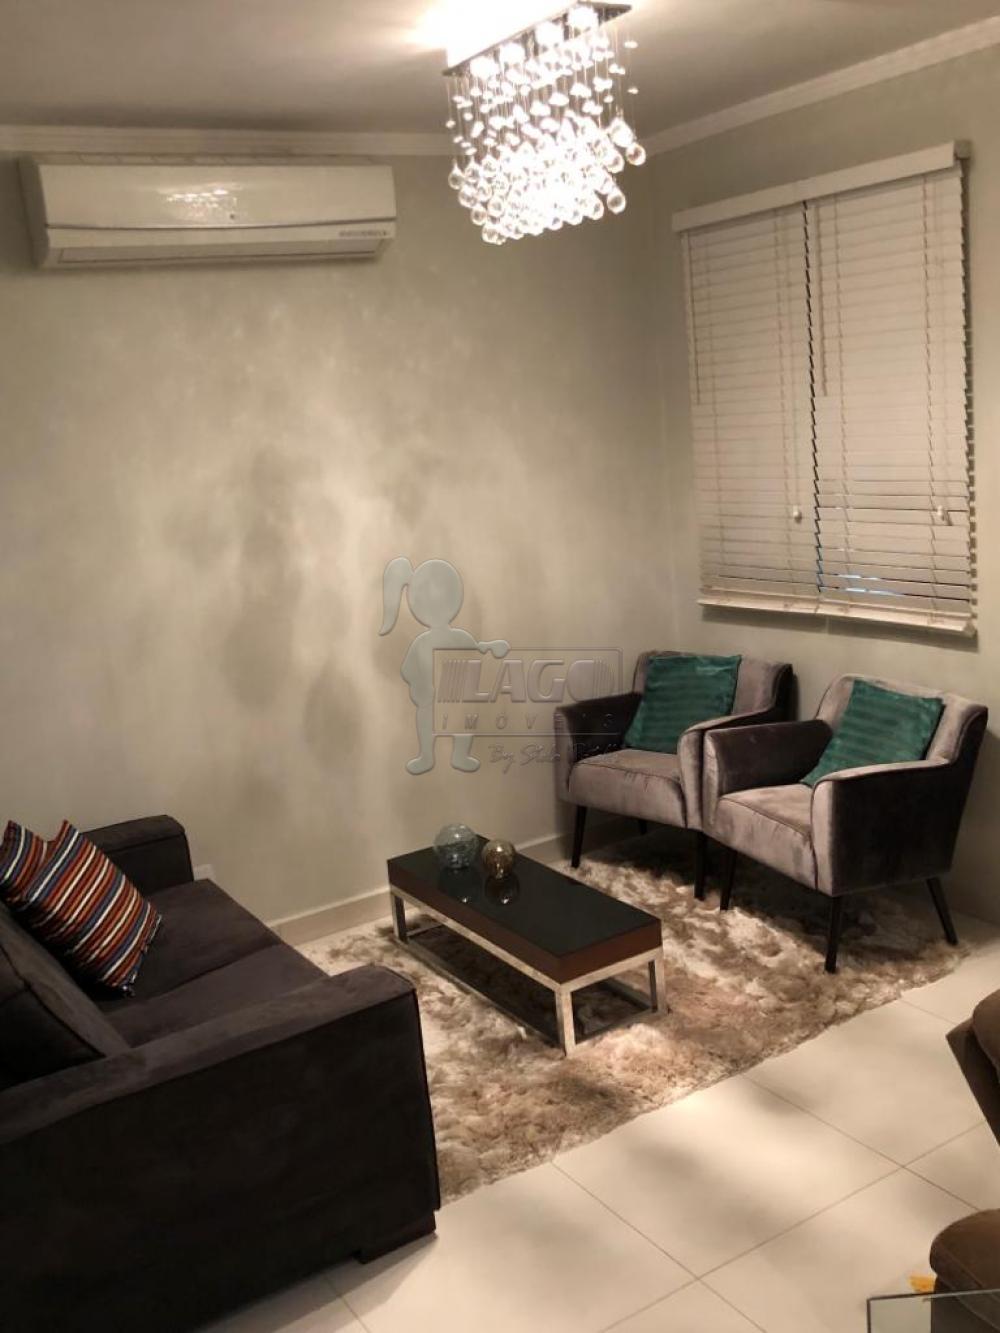 Comprar Casas / Condomínio em Ribeirão Preto apenas R$ 455.000,00 - Foto 22